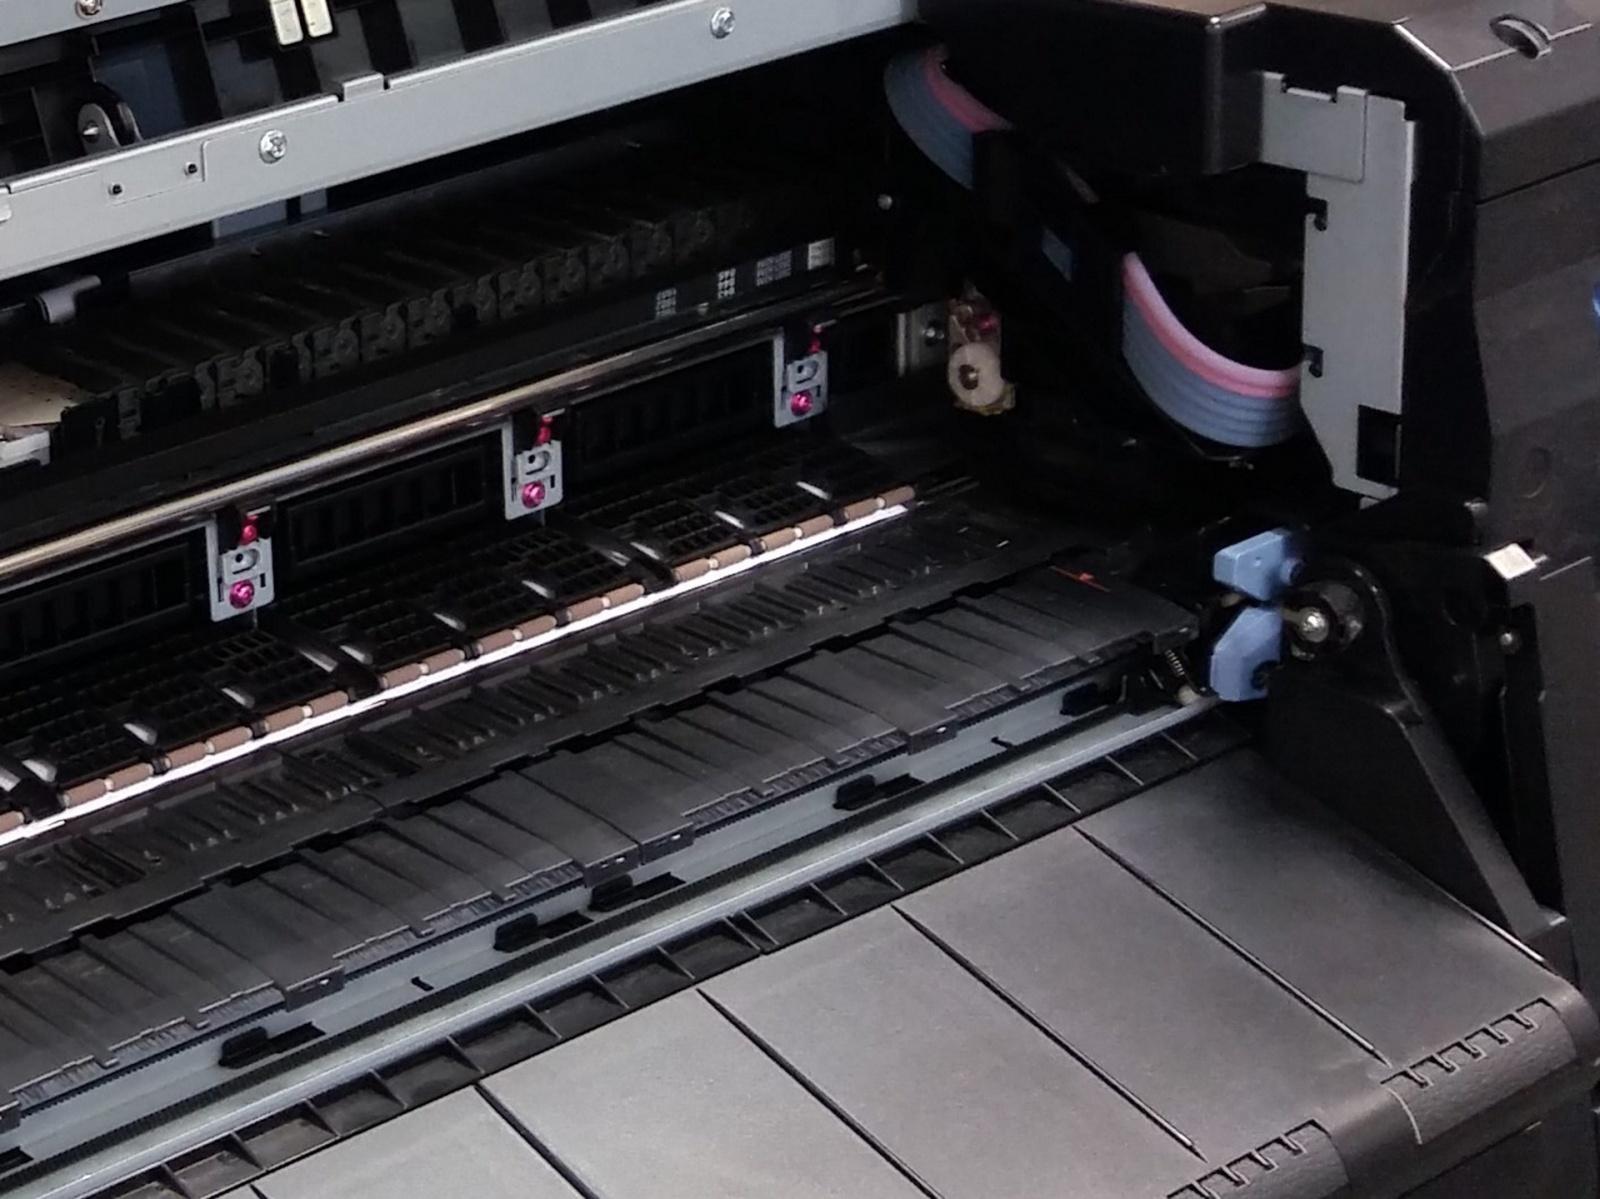 Тонкая красная линия: обзор широкоформатного принтера Canon imagePROGRAF PRO-2000 - 8